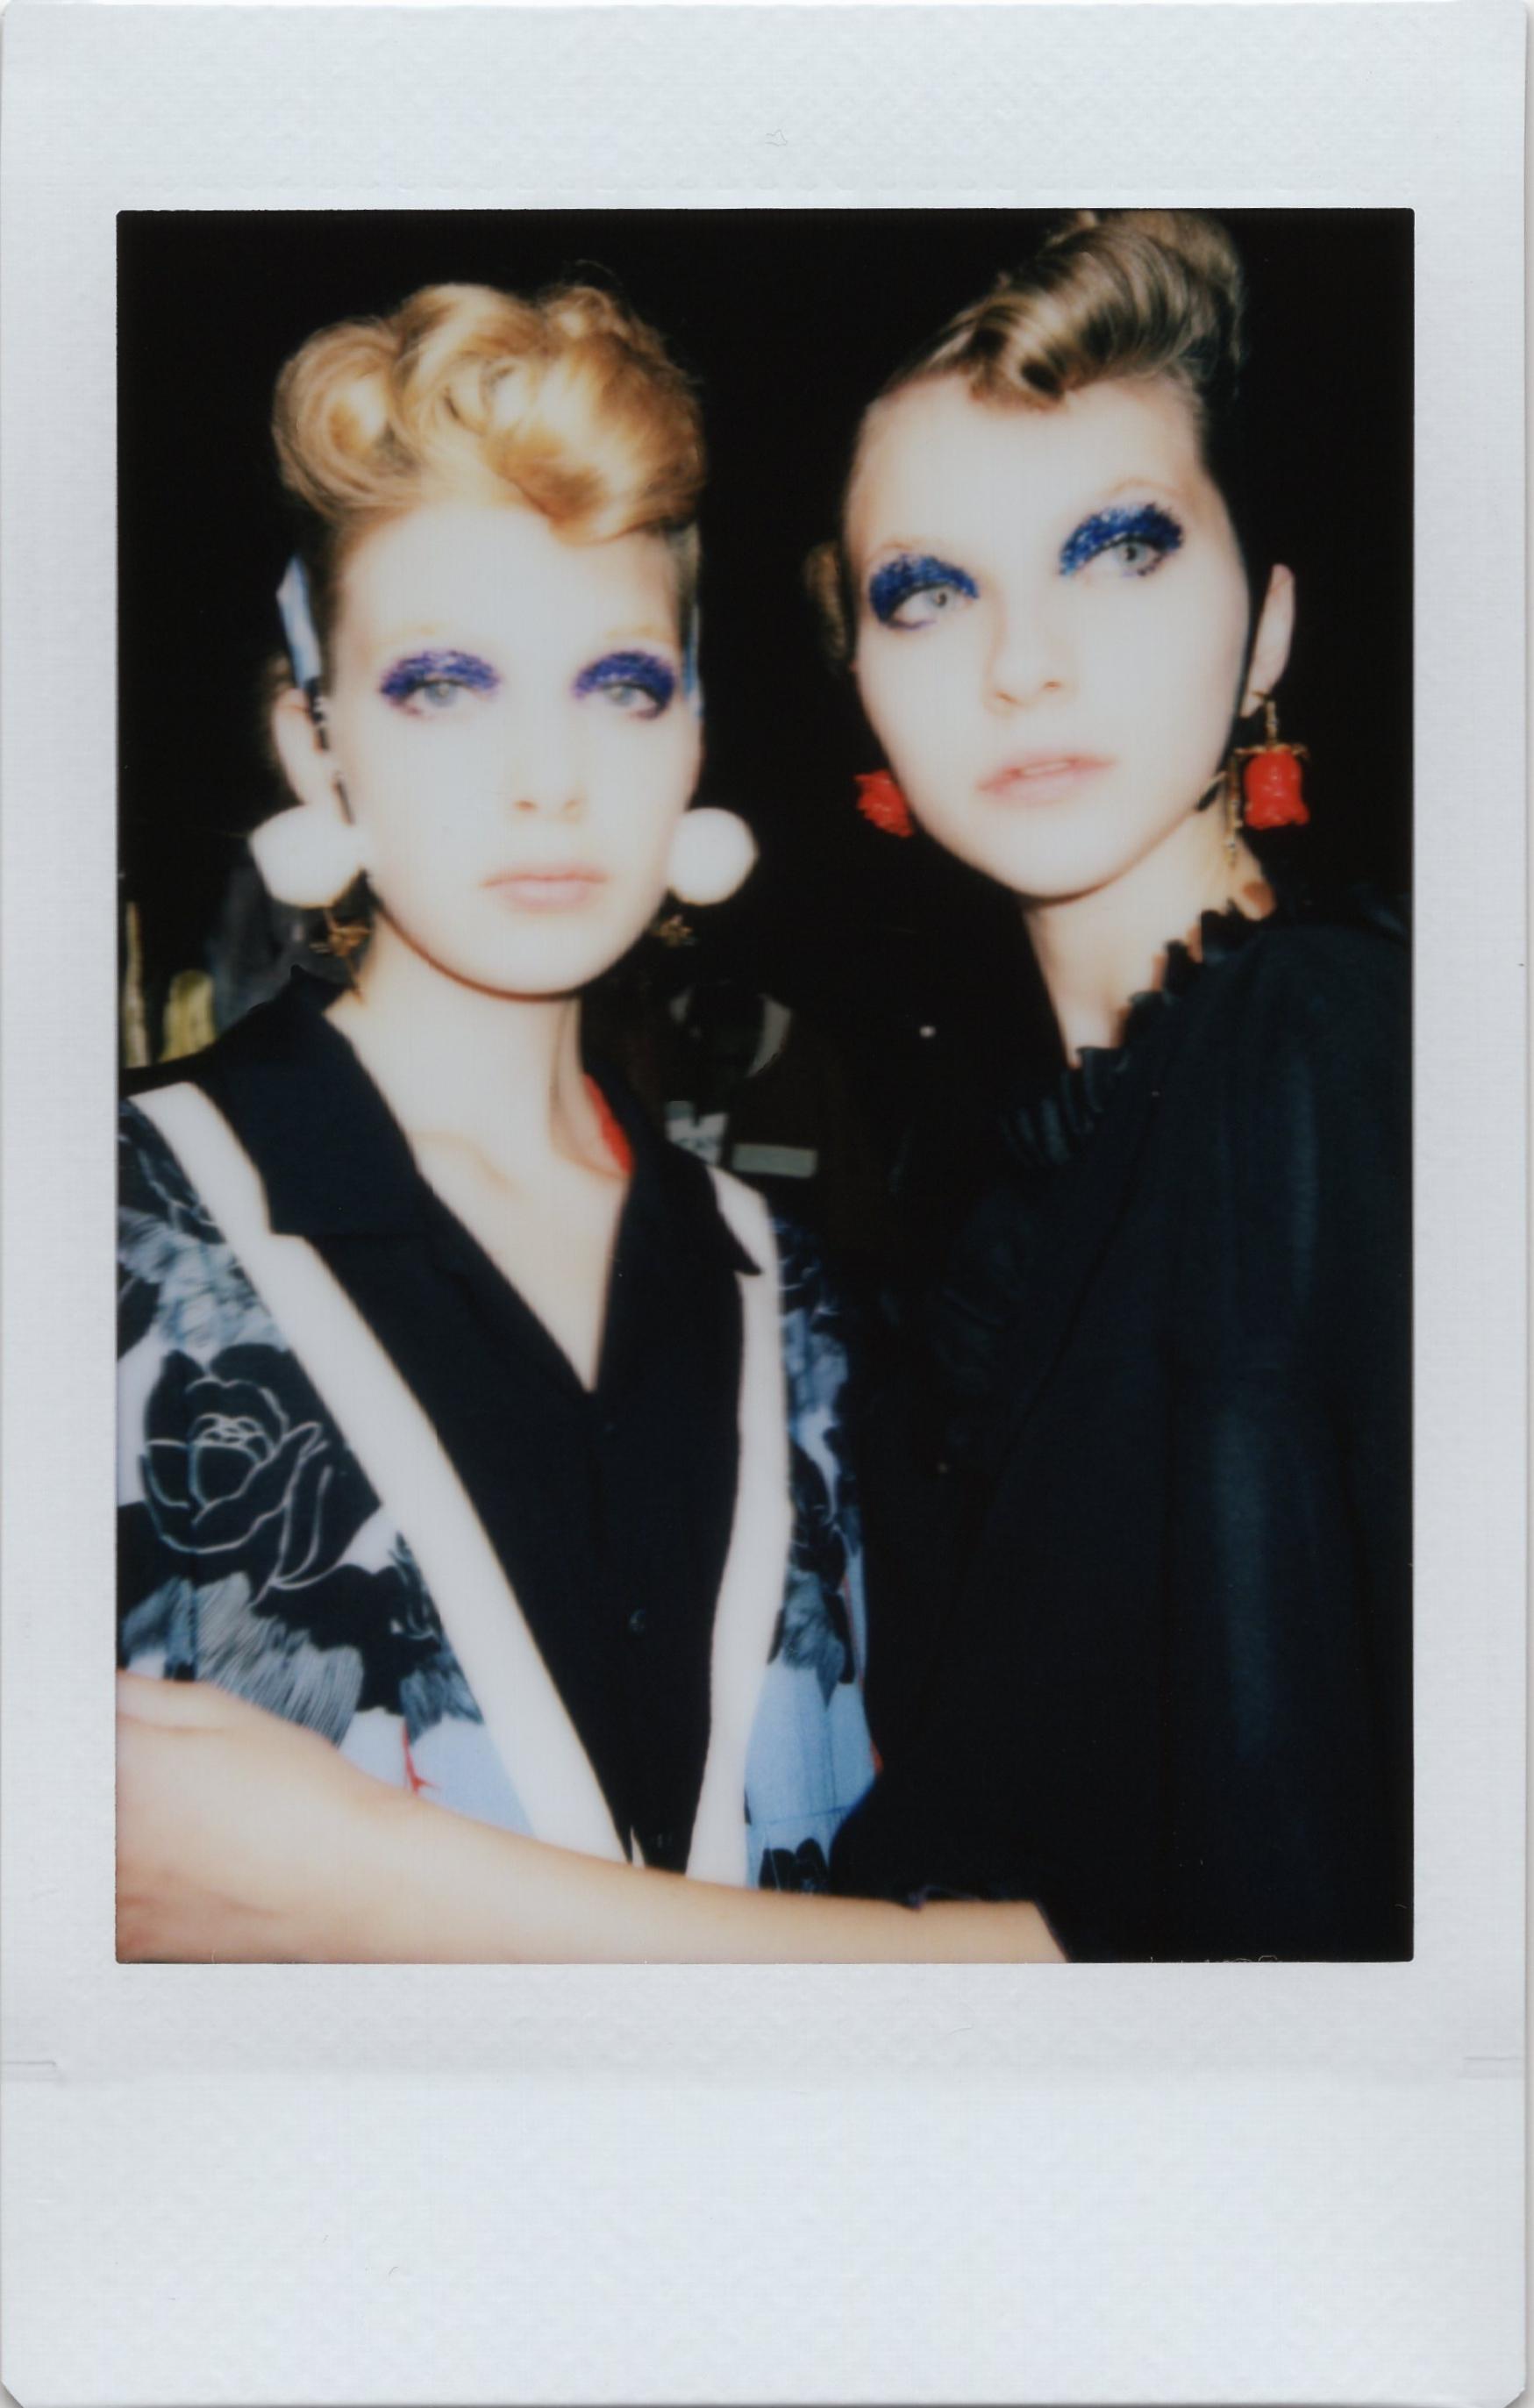 Undercover_Honigschreck_Backstage_Polaroid_1.jpg